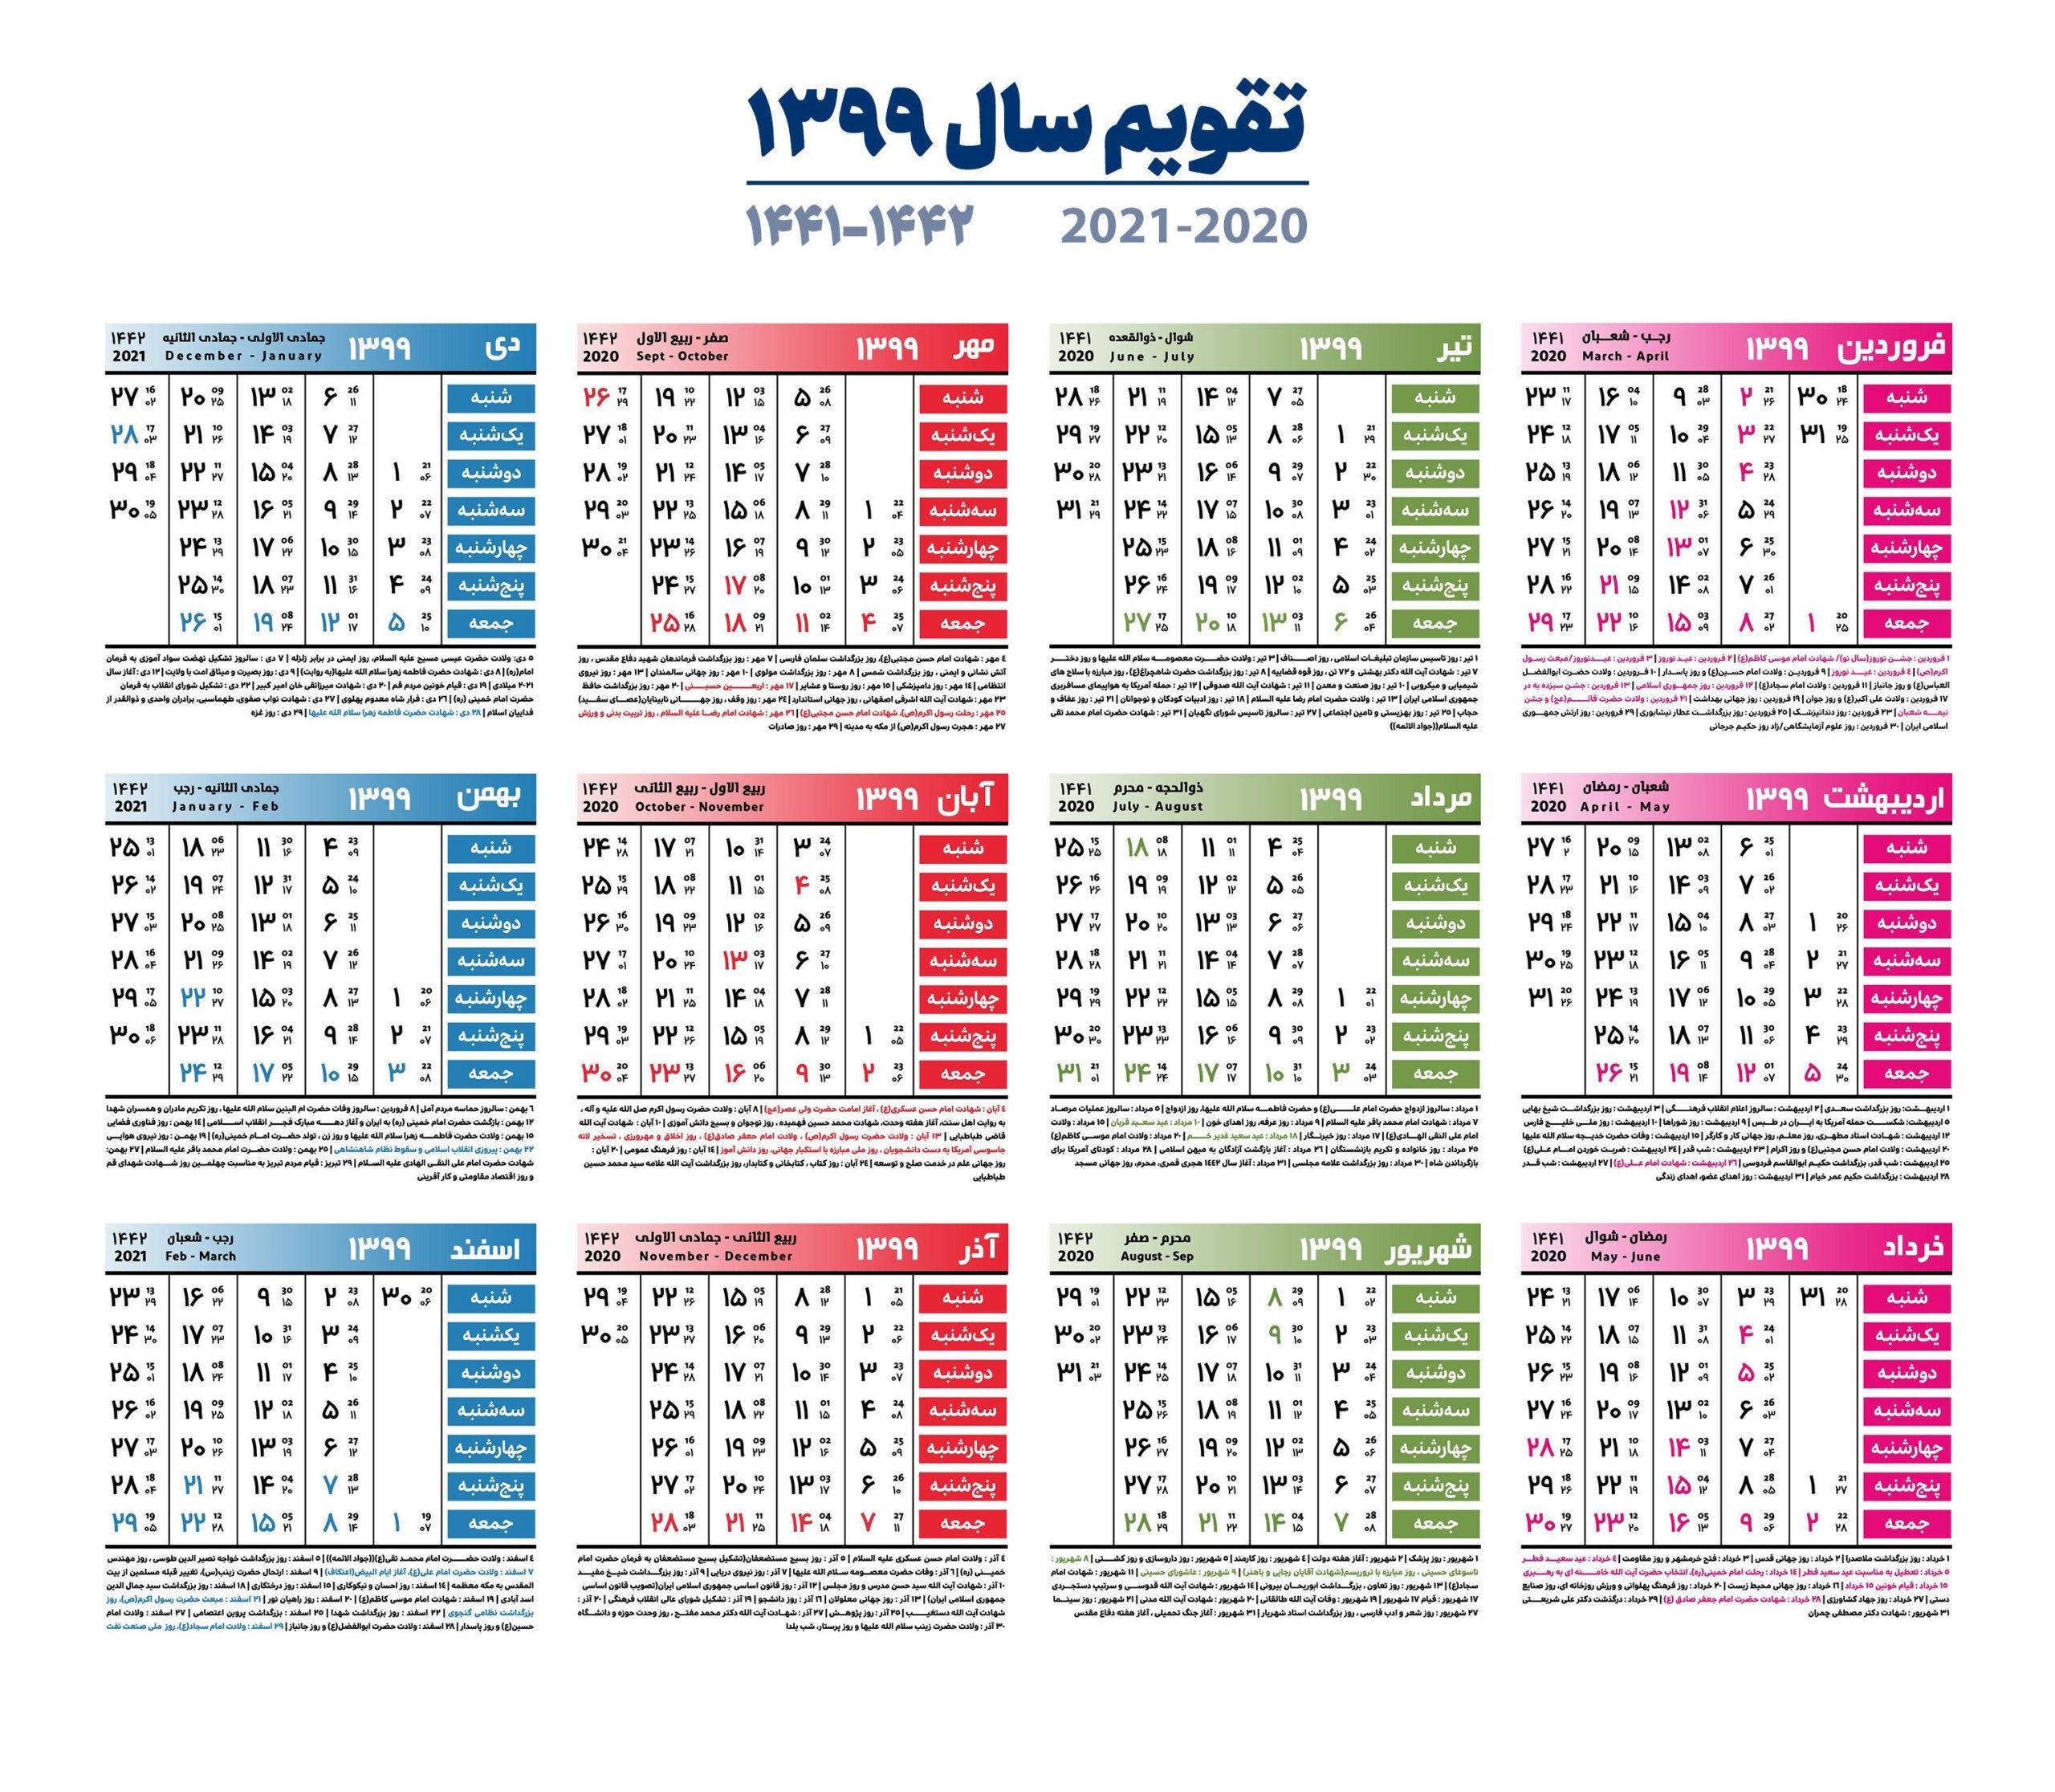 Julian Dates, Calendar